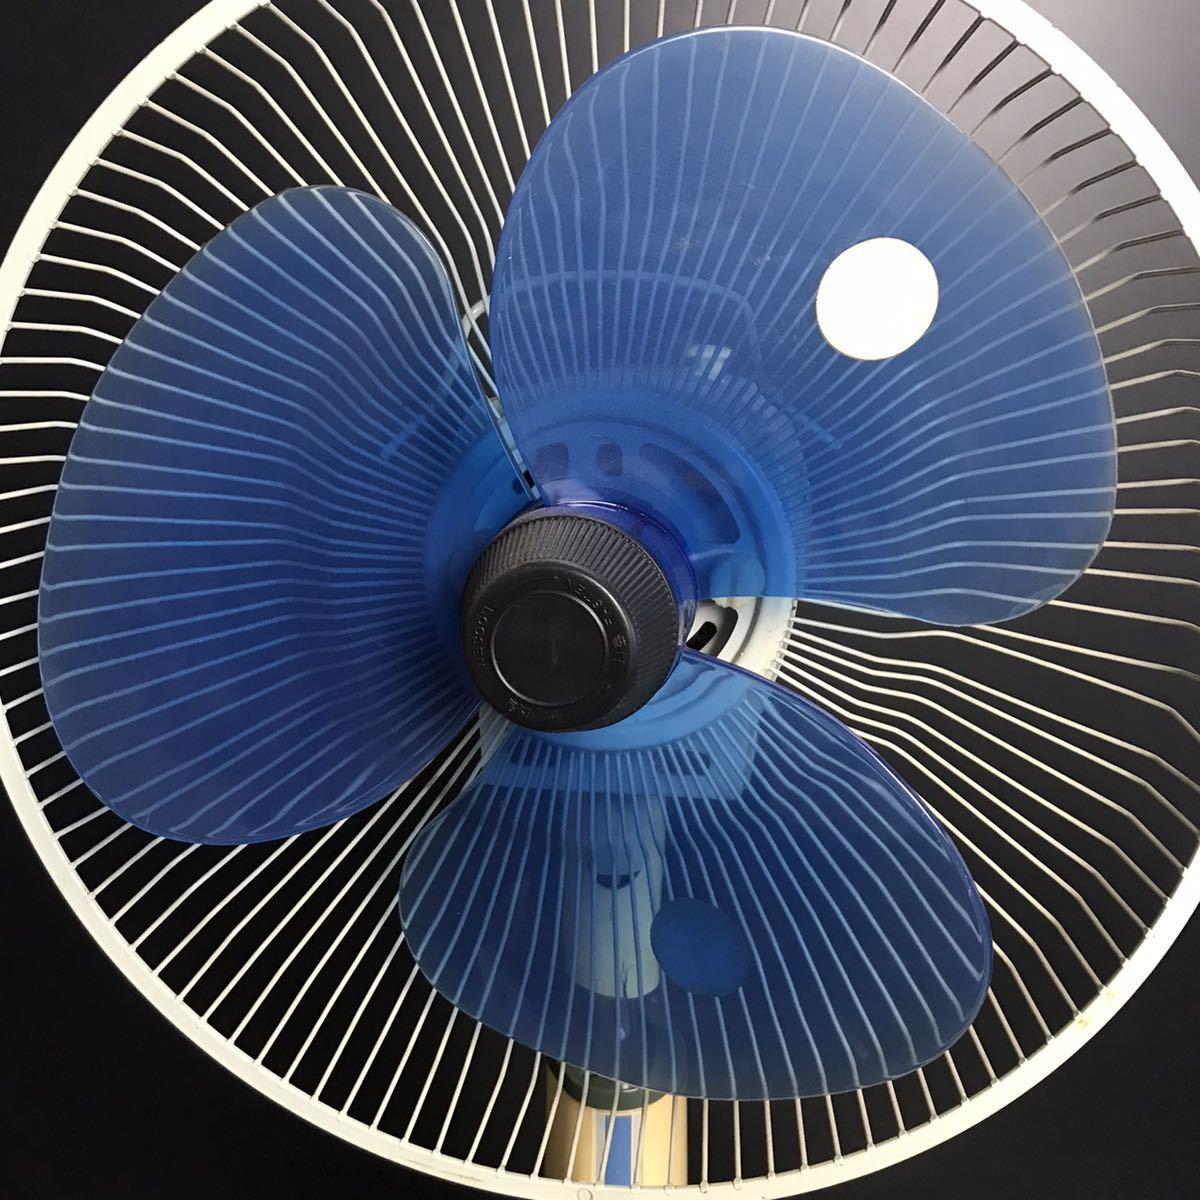 [J863] 金星社 30cm 座敷扇 扇風機 ブルー MF-30L 3枚羽 昭和レトロ アンティーク 古民家 シャビー 家電 動作確認済 難あり_画像6